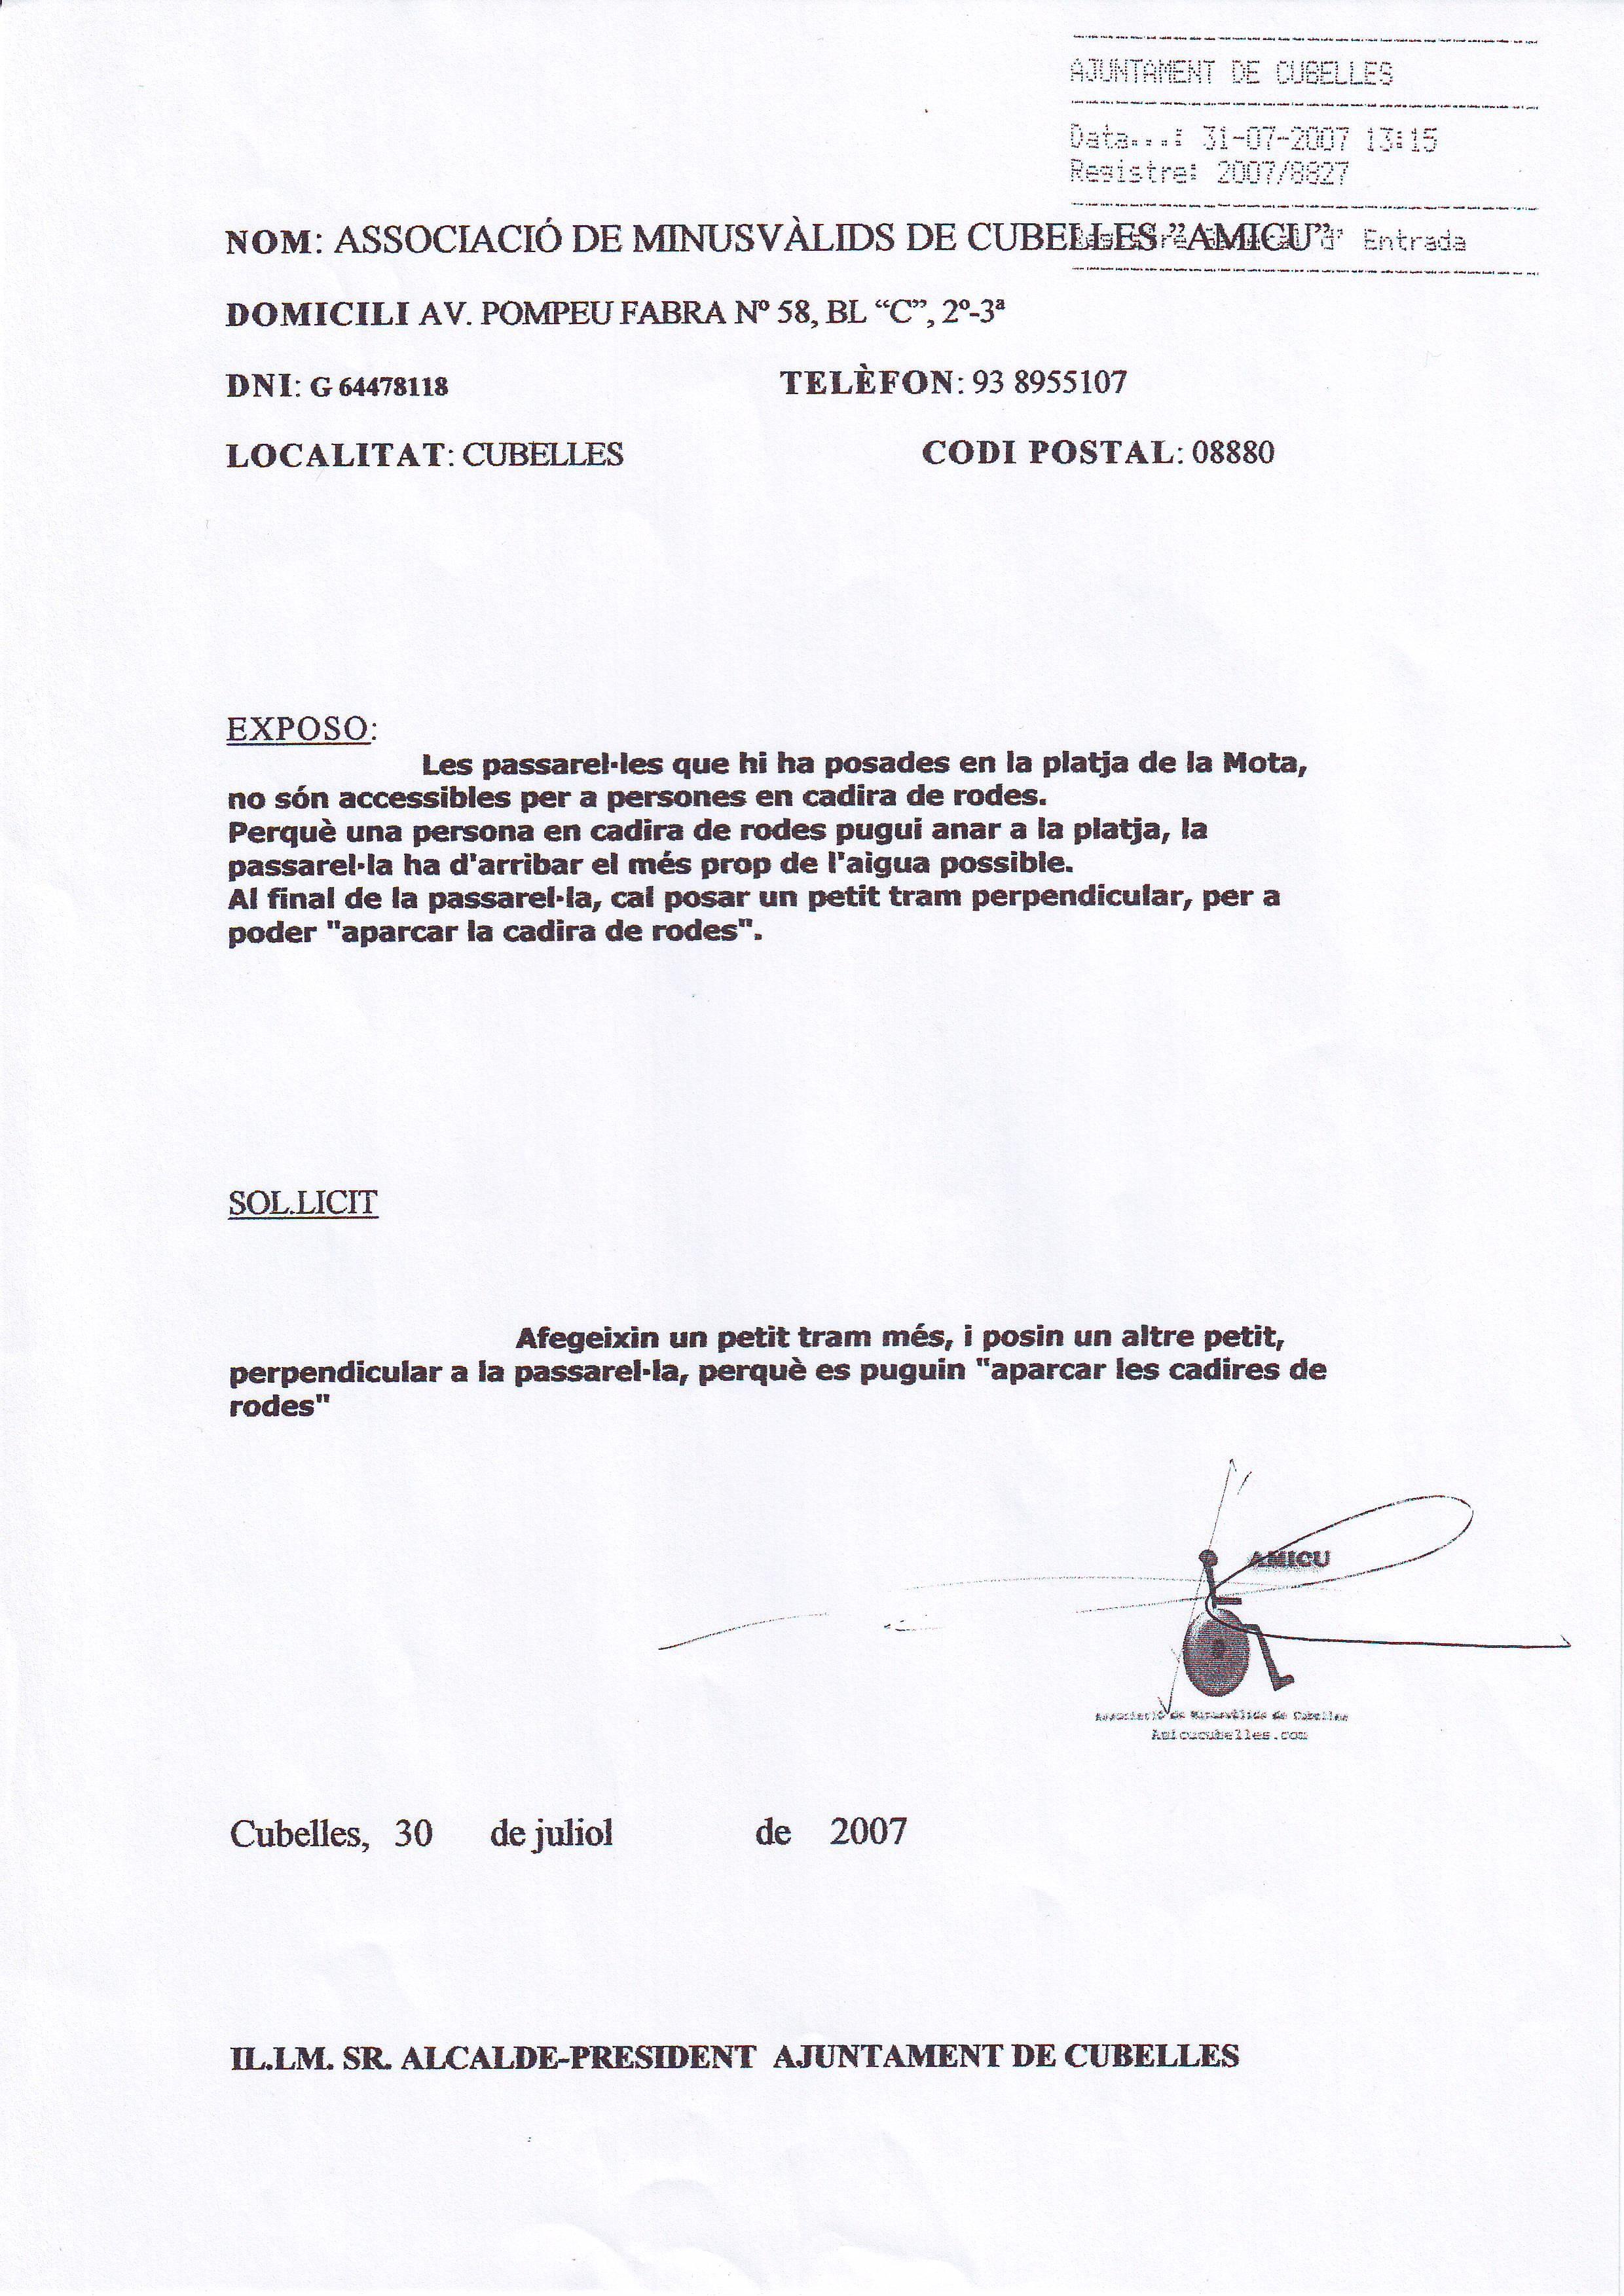 INSTANCIA- PASARELAS PLAYA DE LA MOTA-31-07-2007